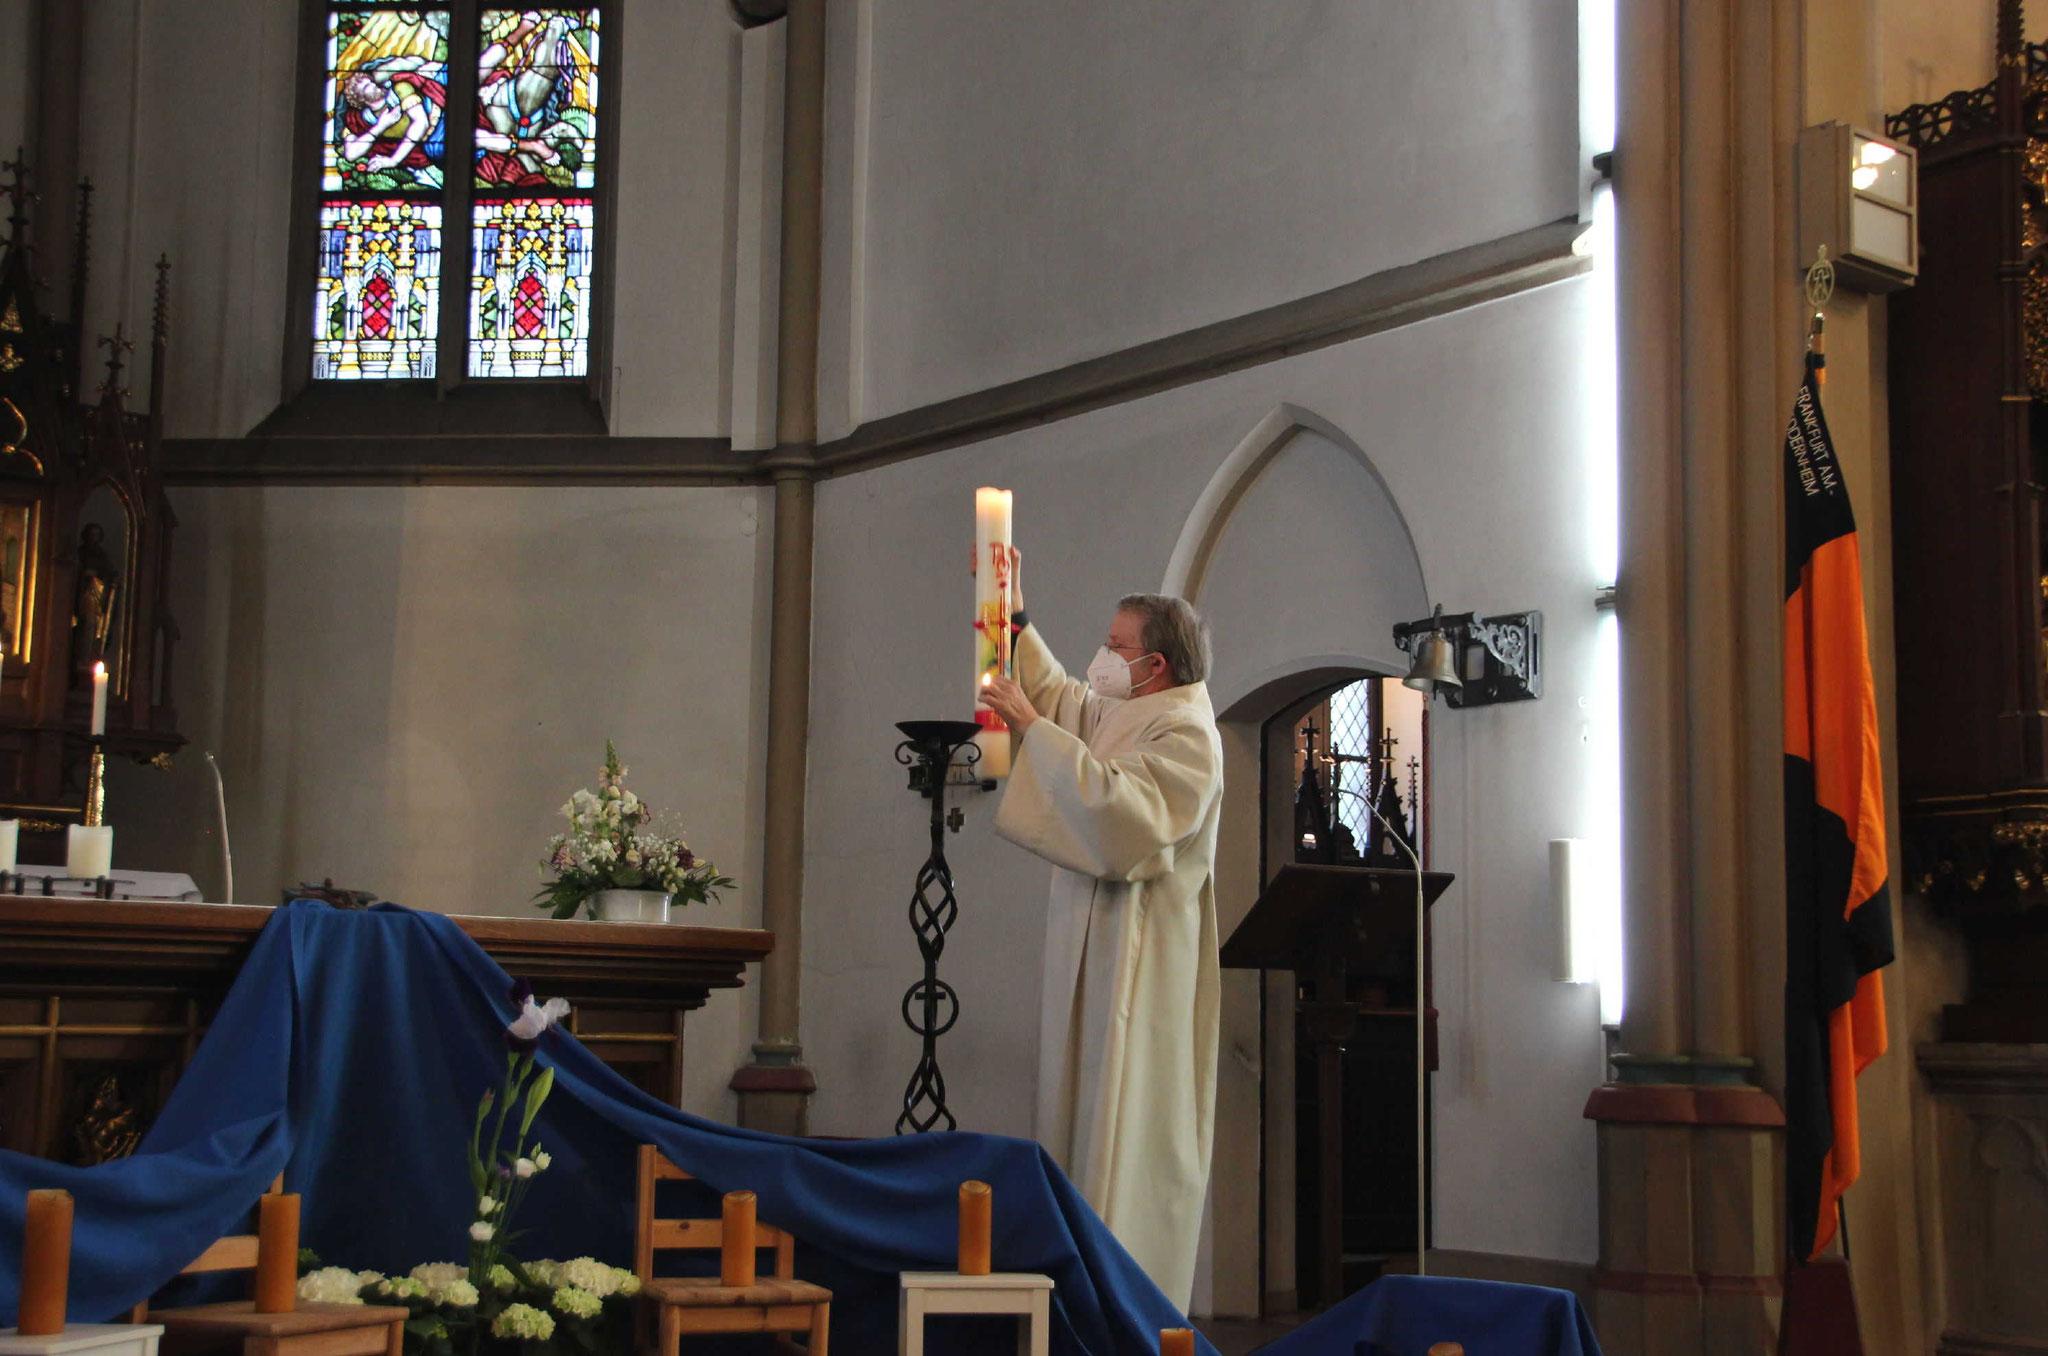 Maria breit den Mantel aus, mach Schutz und Schirm für uns daraus